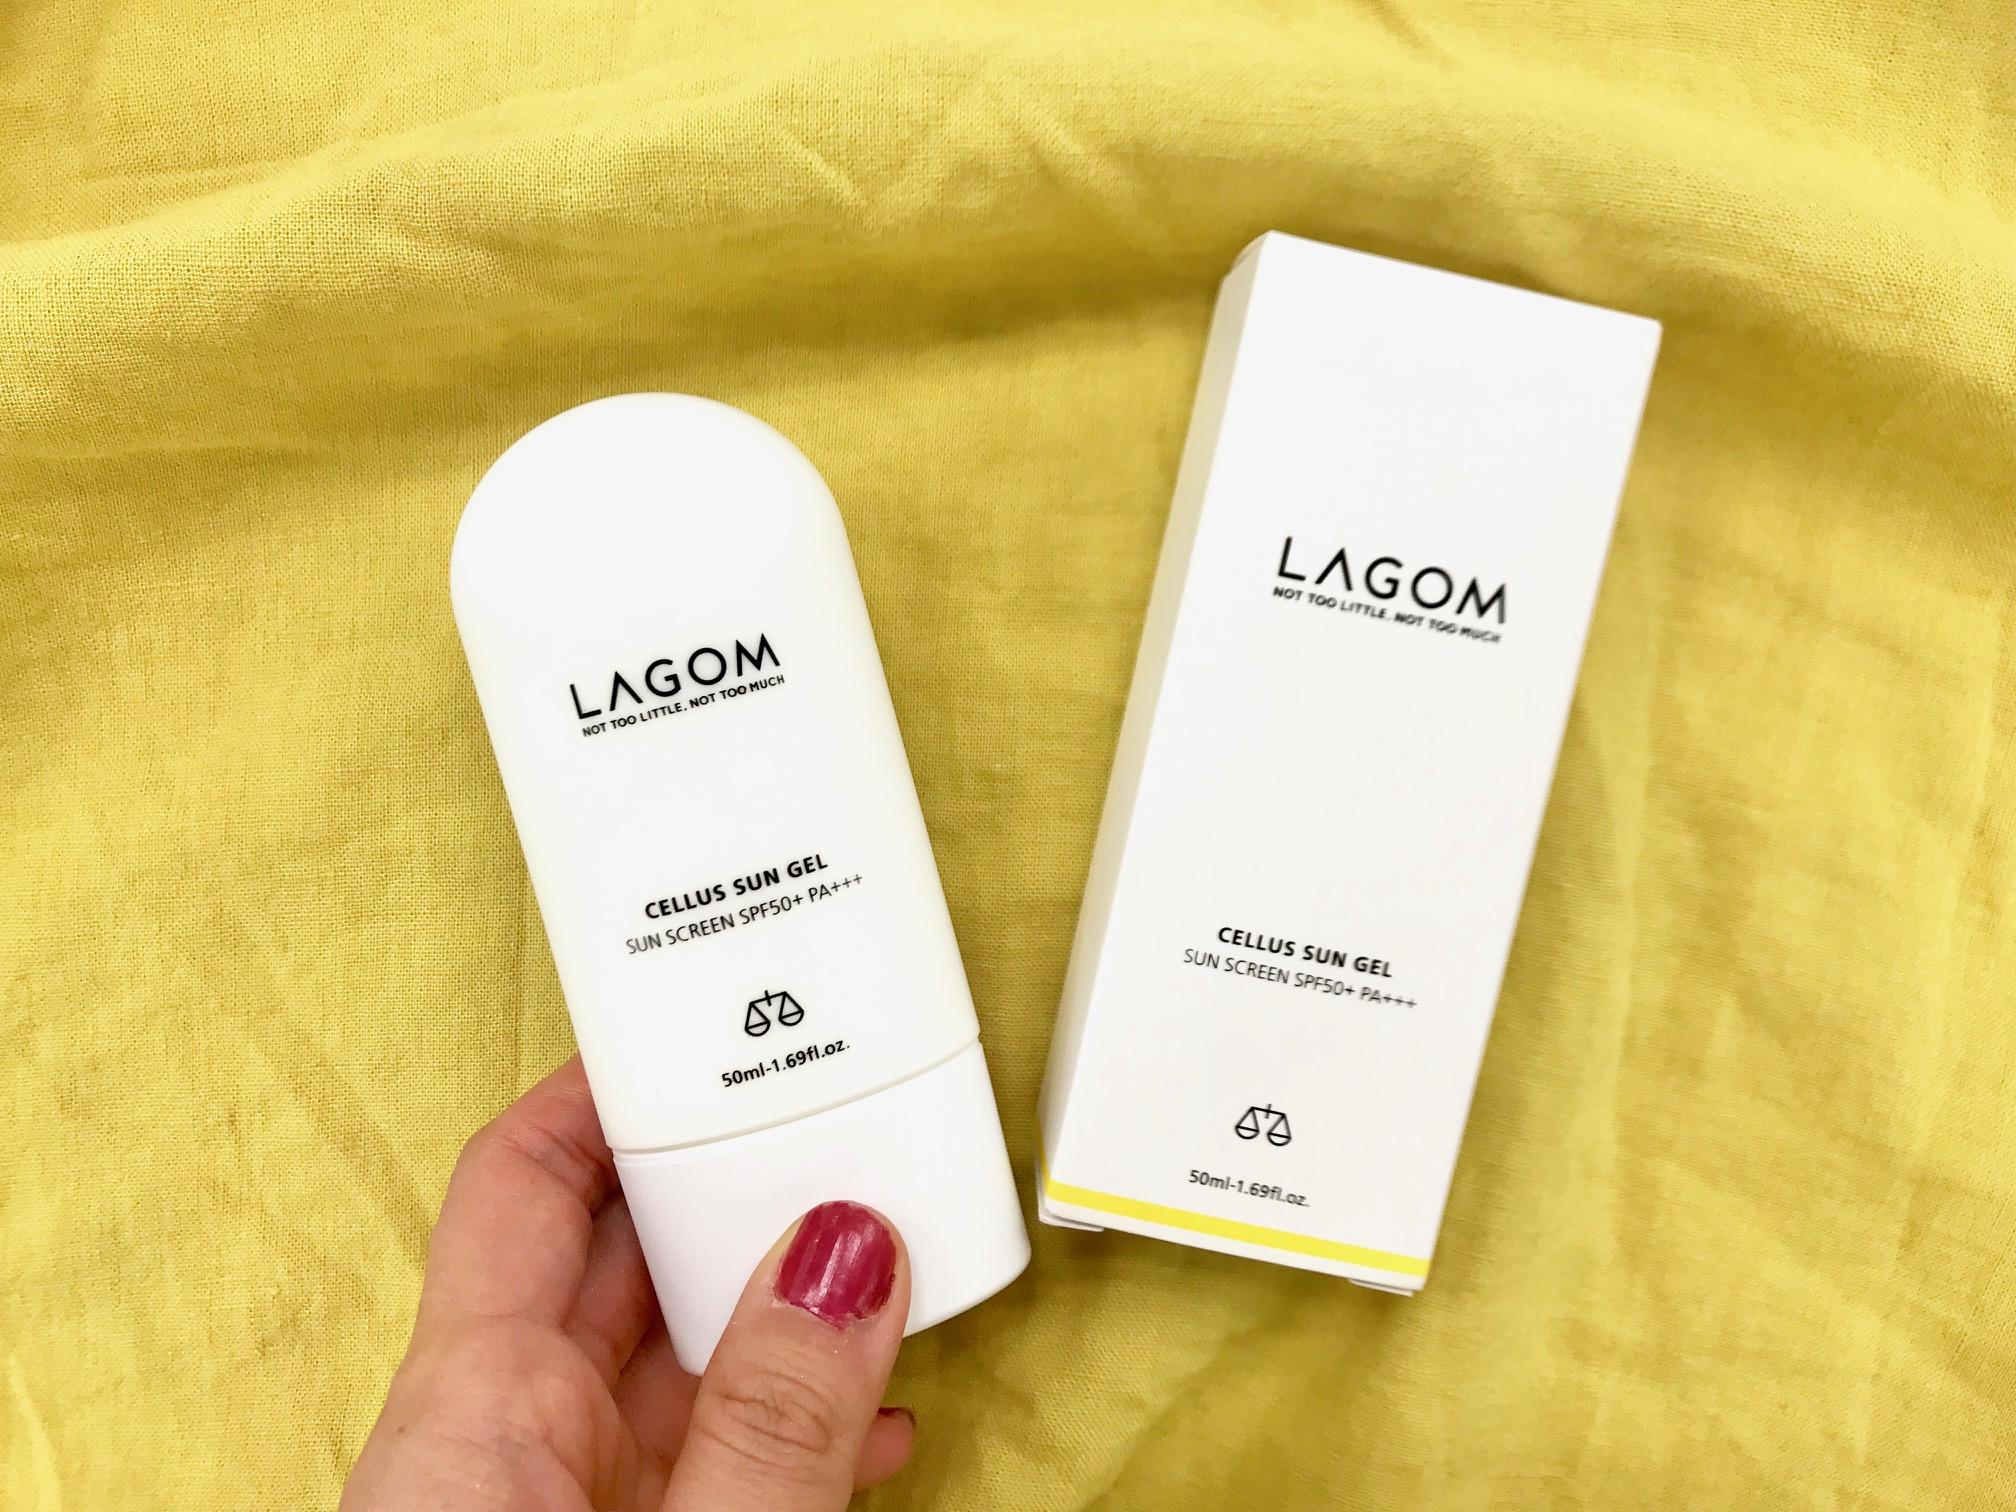 韓国コスメ『LAGOM(ラゴム)』の日焼け止め乳液「サンジェル」が、良すぎるから試してほしい件。_1